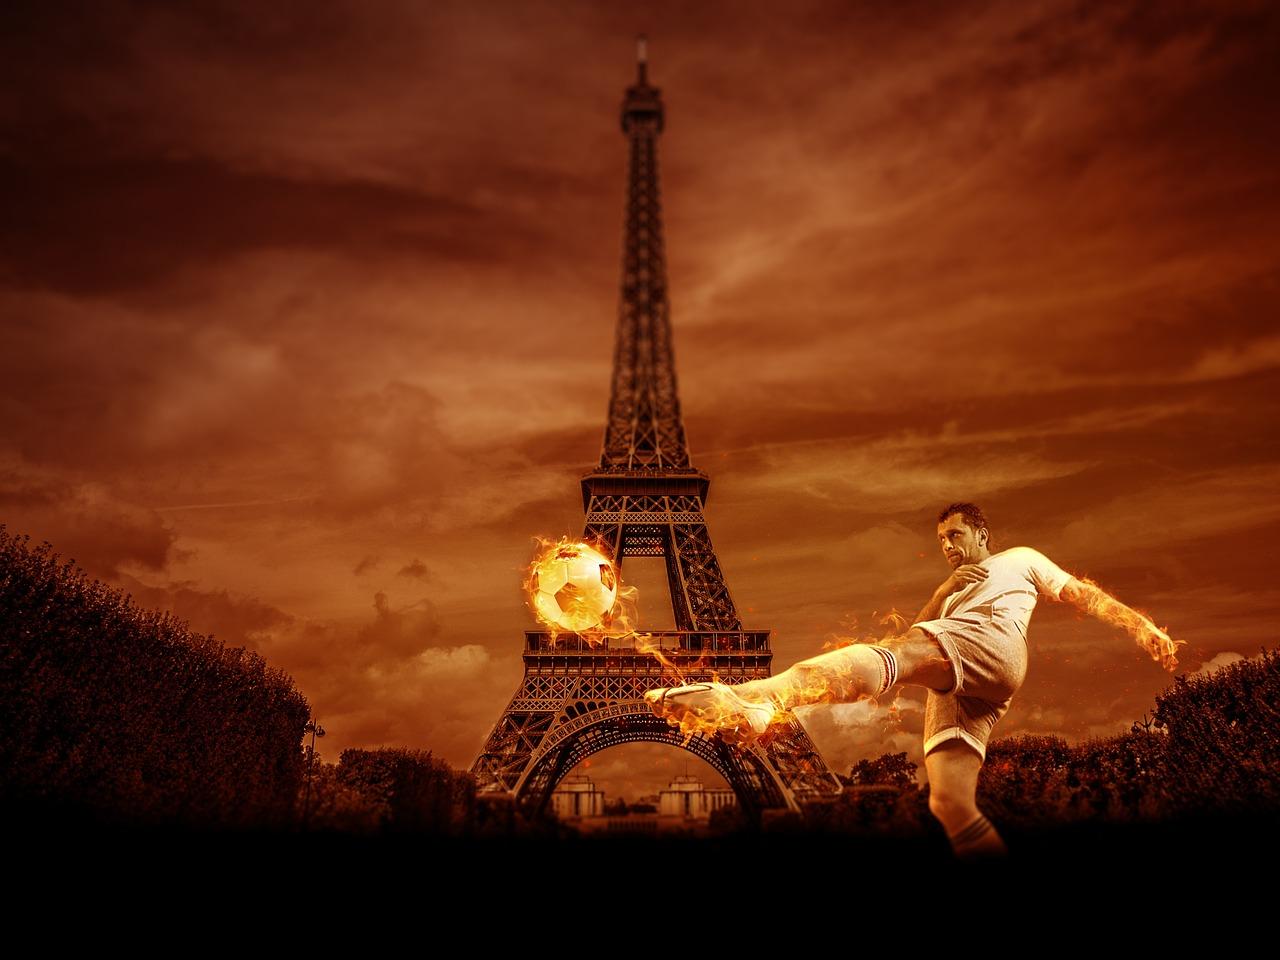 La France: cette usine à talents